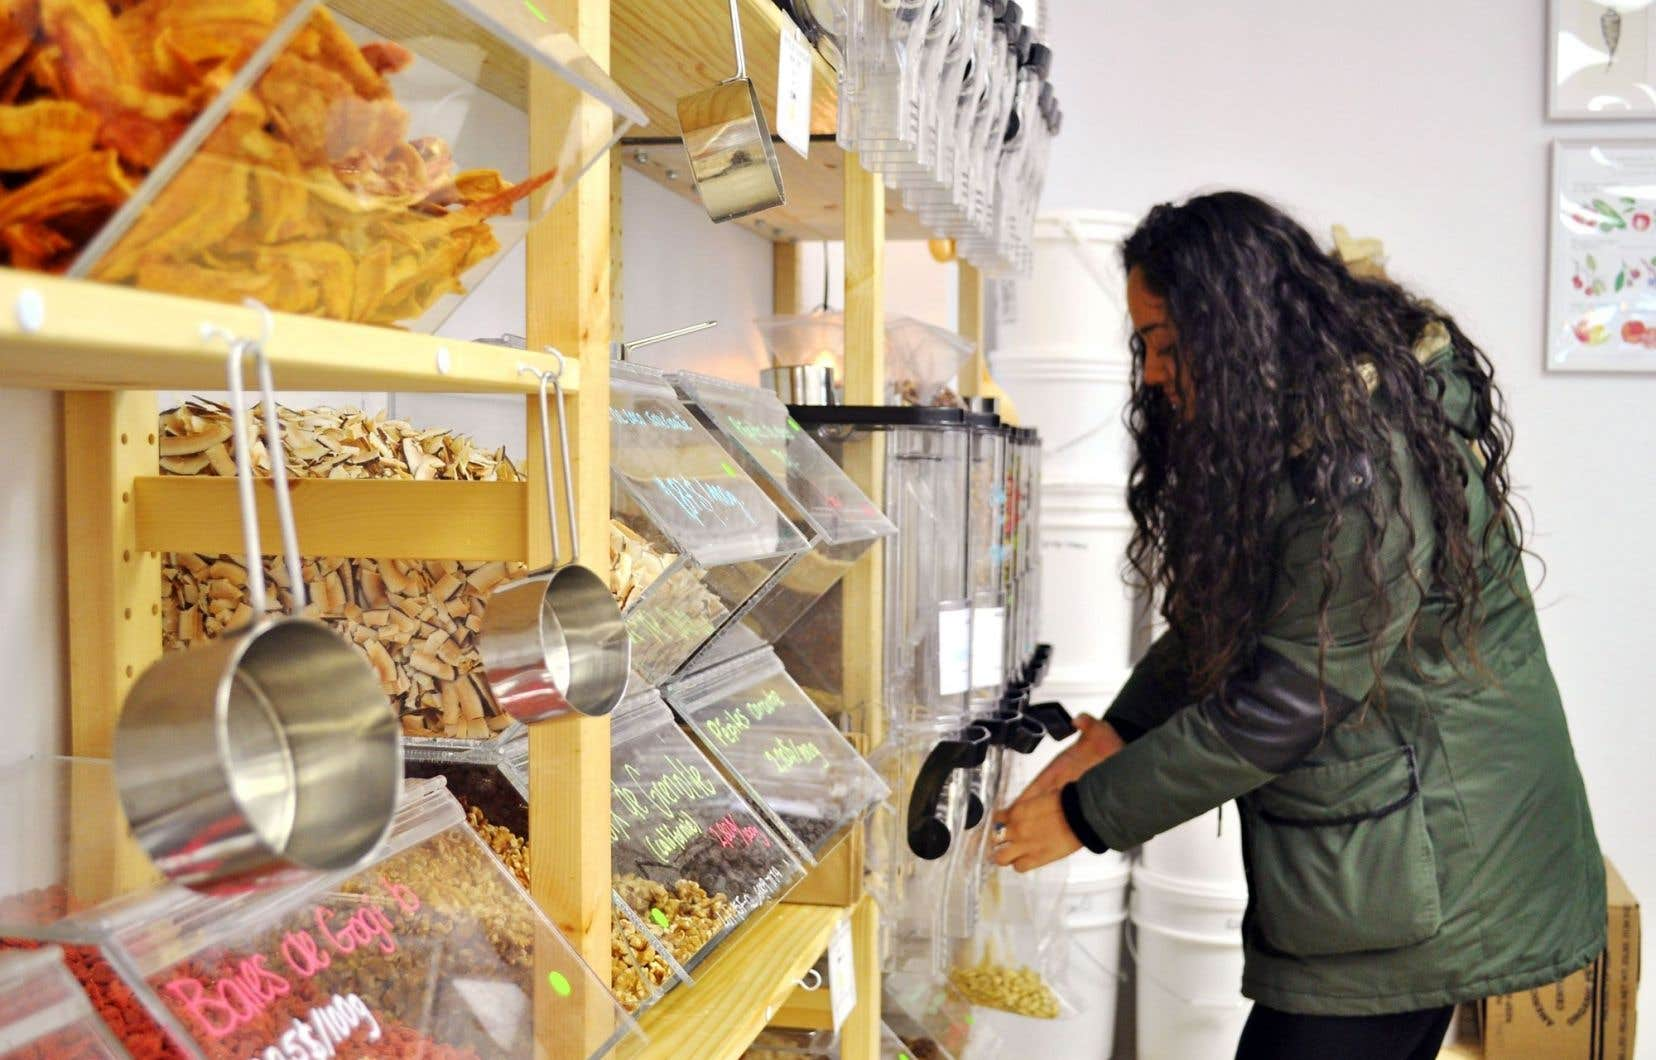 Paola Mijia rentre pour la première fois dans une épicerie zéro déchet, qui valorise les produits locaux et cherche à limiter les produits emballés.